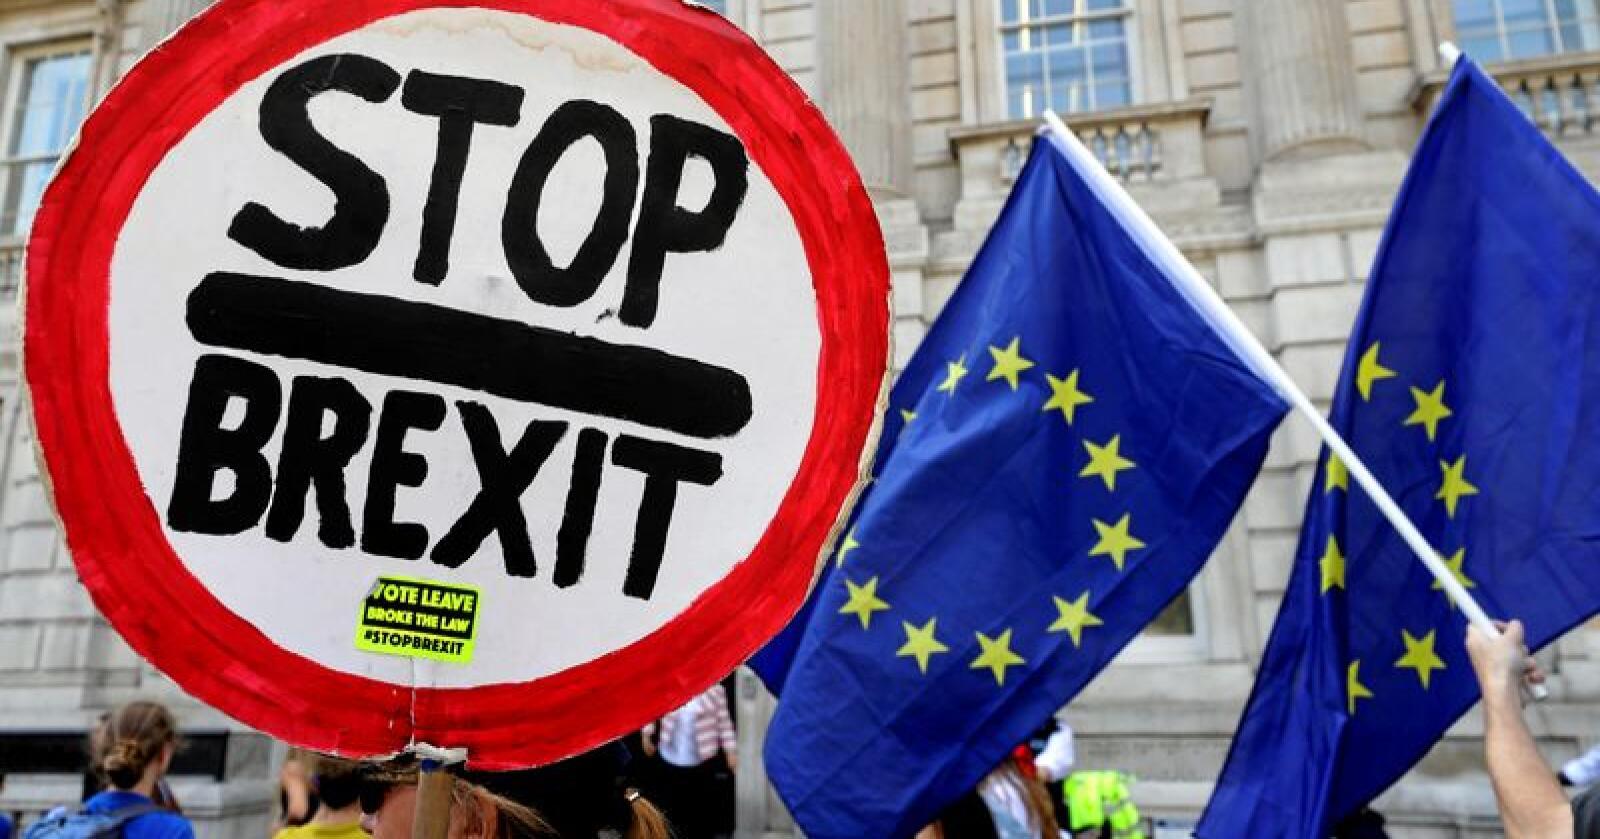 Tirsdag er det duket for første runde i den antatt siste kampen om brexit. Snaut to måneder før britene forlater EU, har politikerne i praksis bare noen få dager på å bestemme hvordan det skal skje. Disse demonstrantene viser tydelig hvilket utfall de ønsker seg. Illustrasjonsfoto: Kirsty Wigglesworth / AP / NTB scanpix